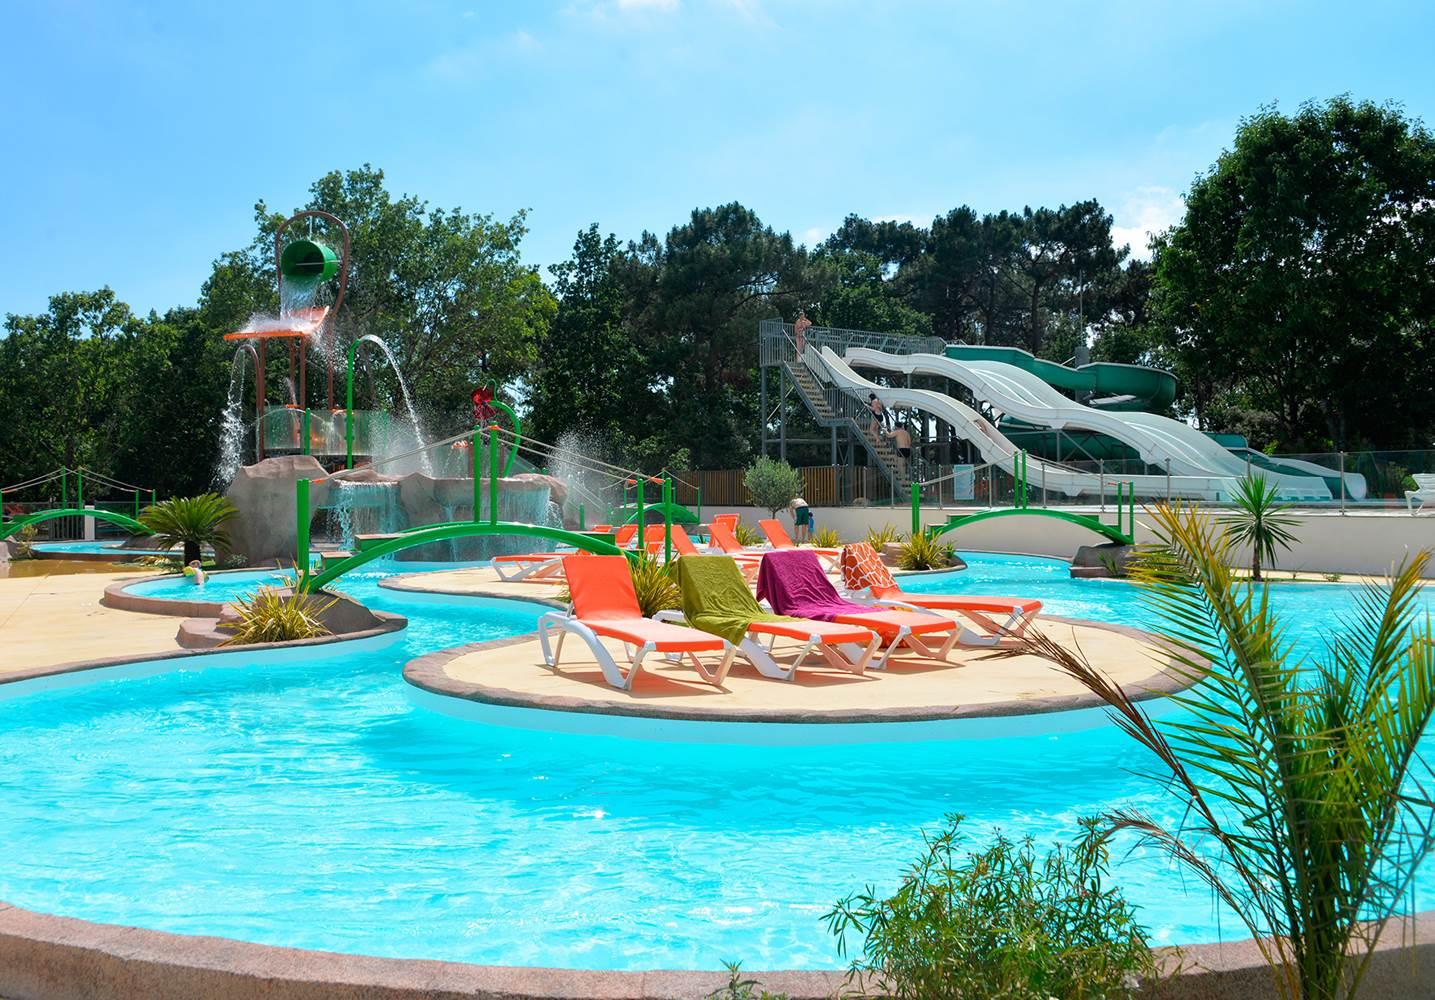 Du plaisir pour toute la famille avec le nouveau parc aqualudique ©